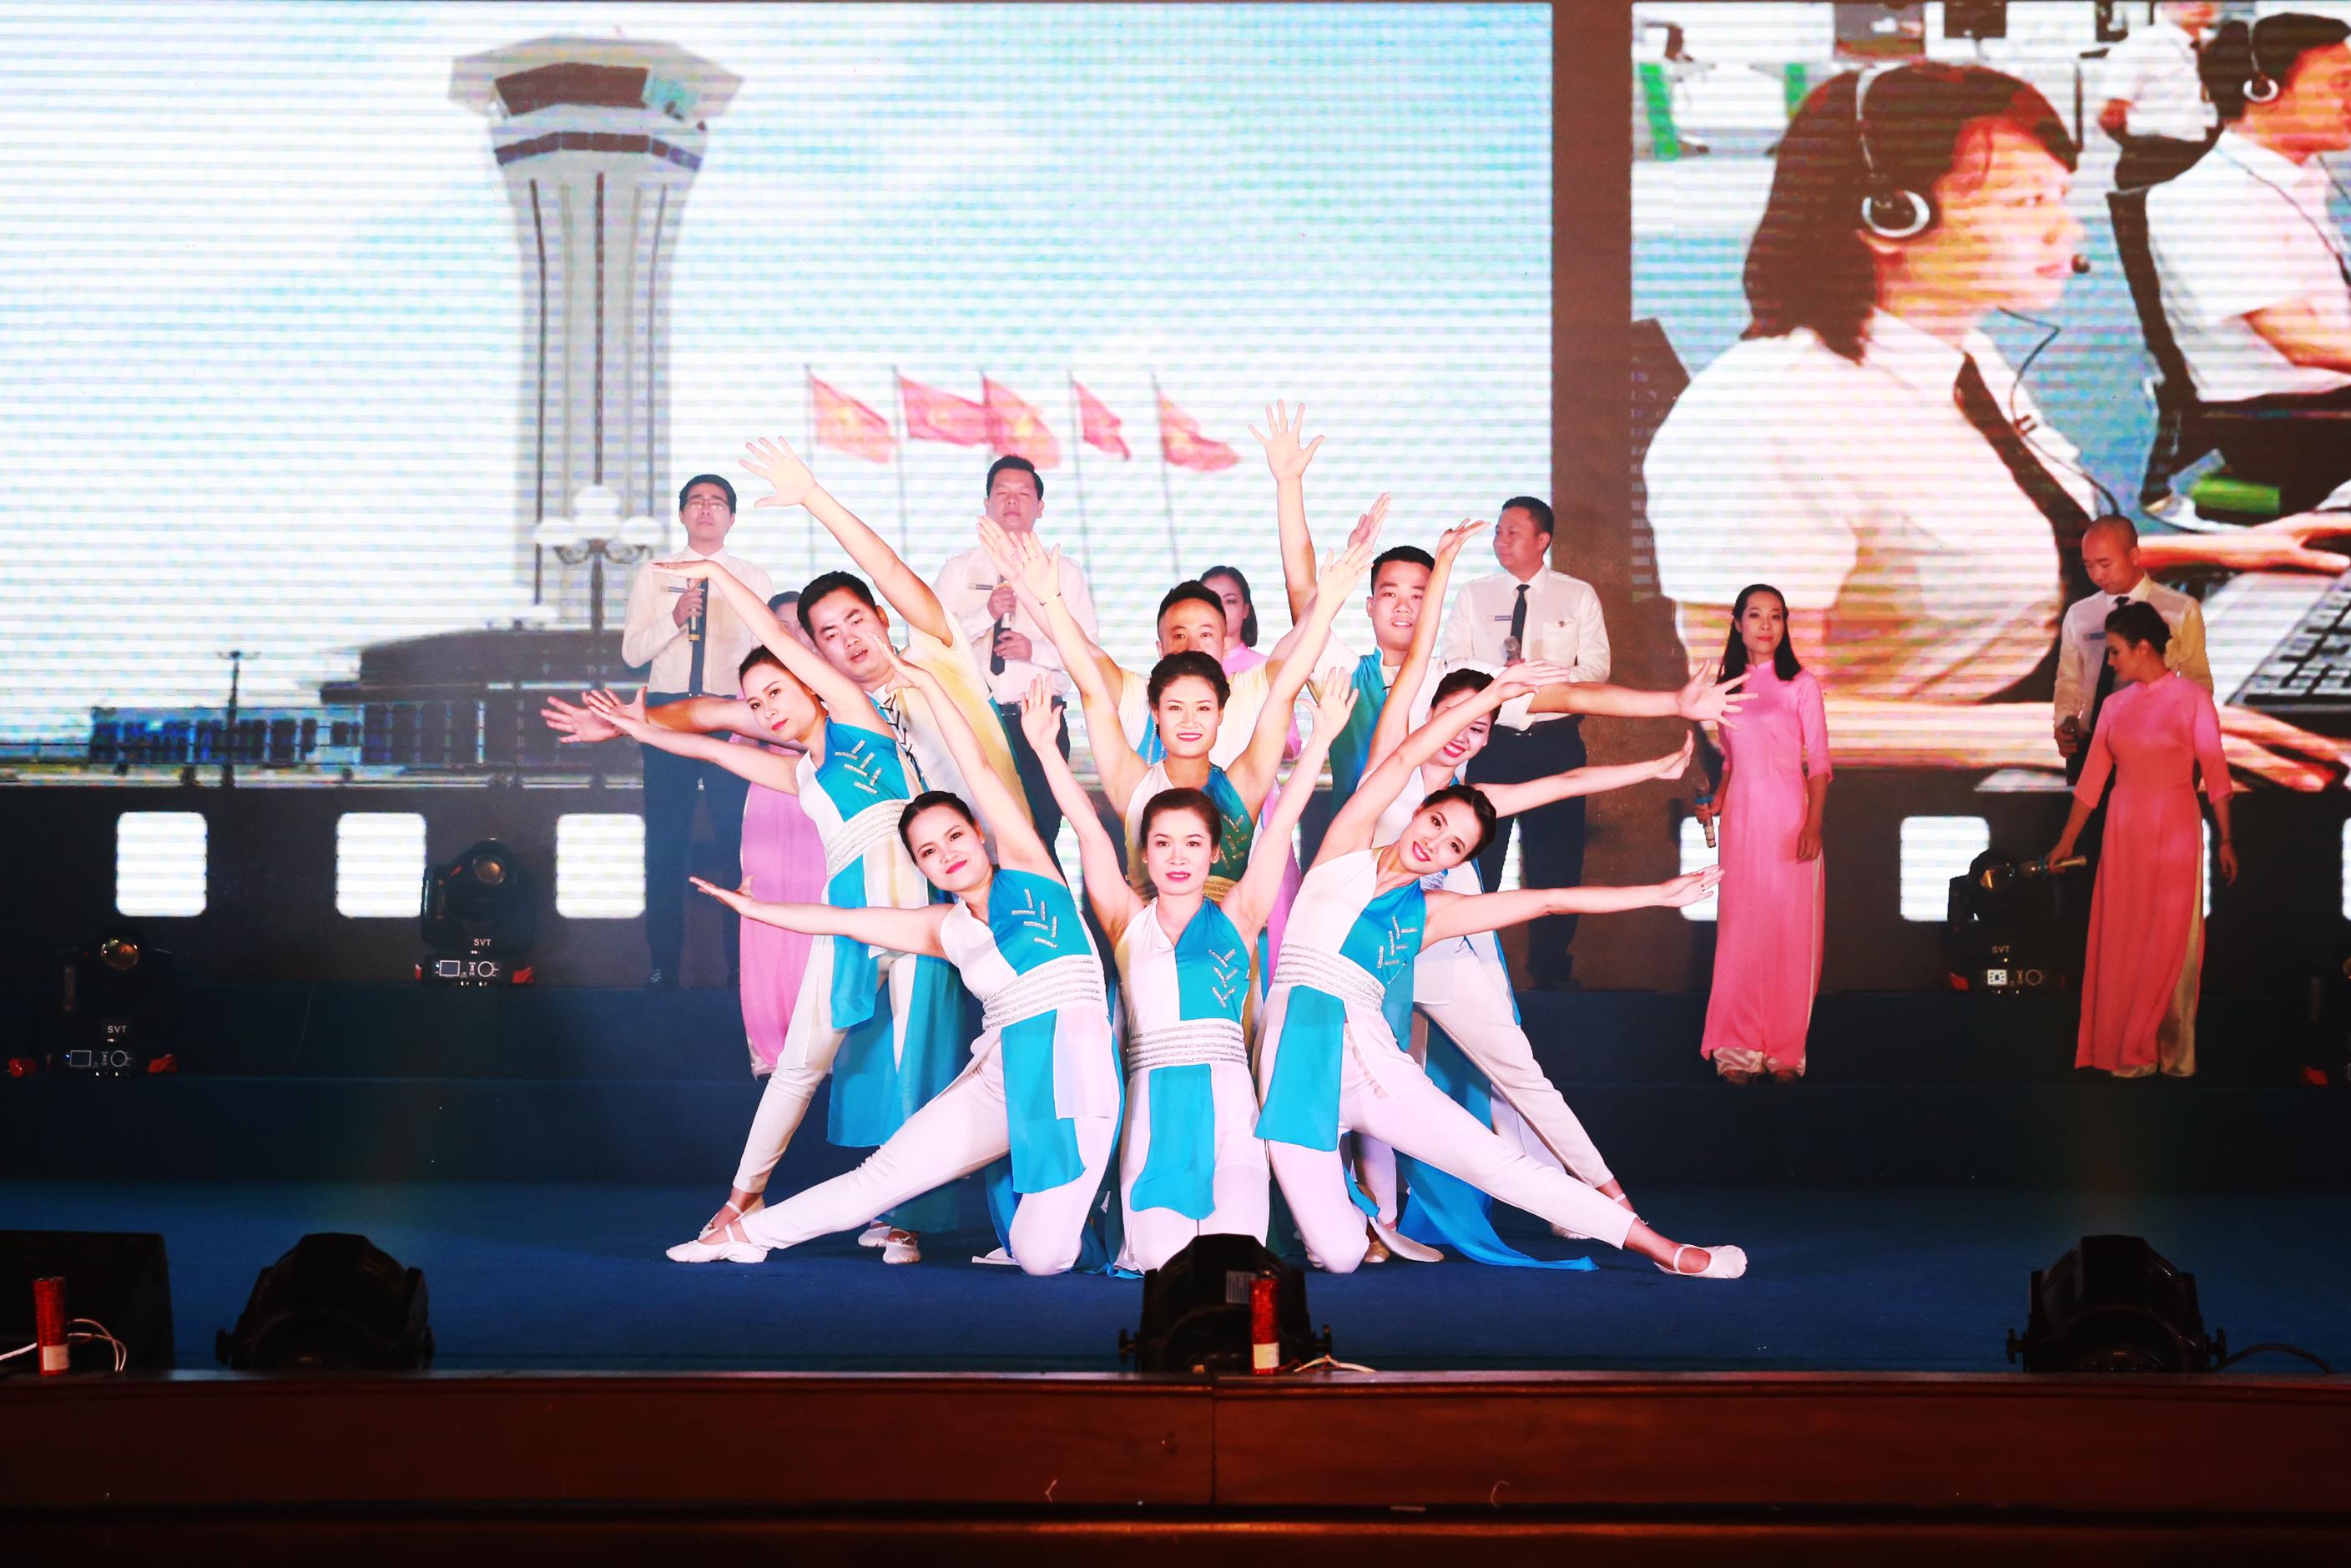 Khai mạc Hội diễn nghệ thuật kỷ niệm 25 năm ngày thành lập Tổng công ty Quản lý bay Việt Nam